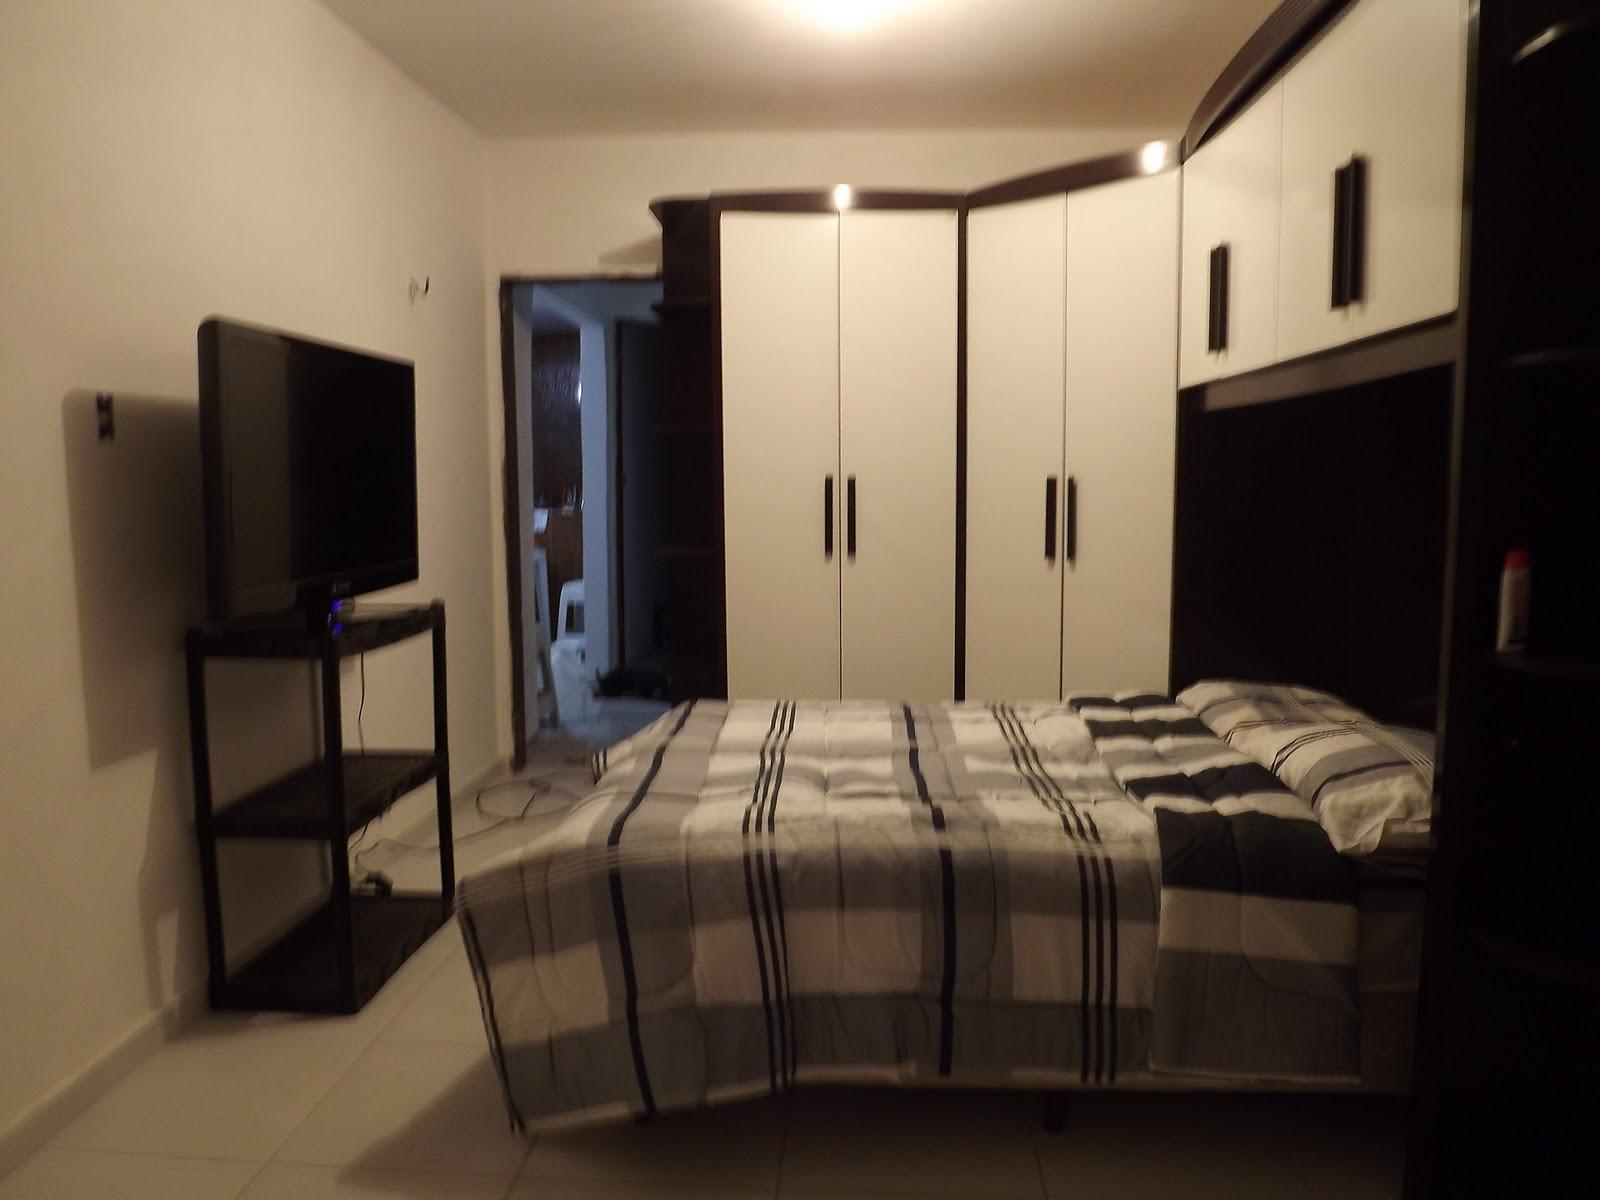 Uma casa para nós dois!: Quarto de casal longe do ideal #9E6F2D 1600 1200